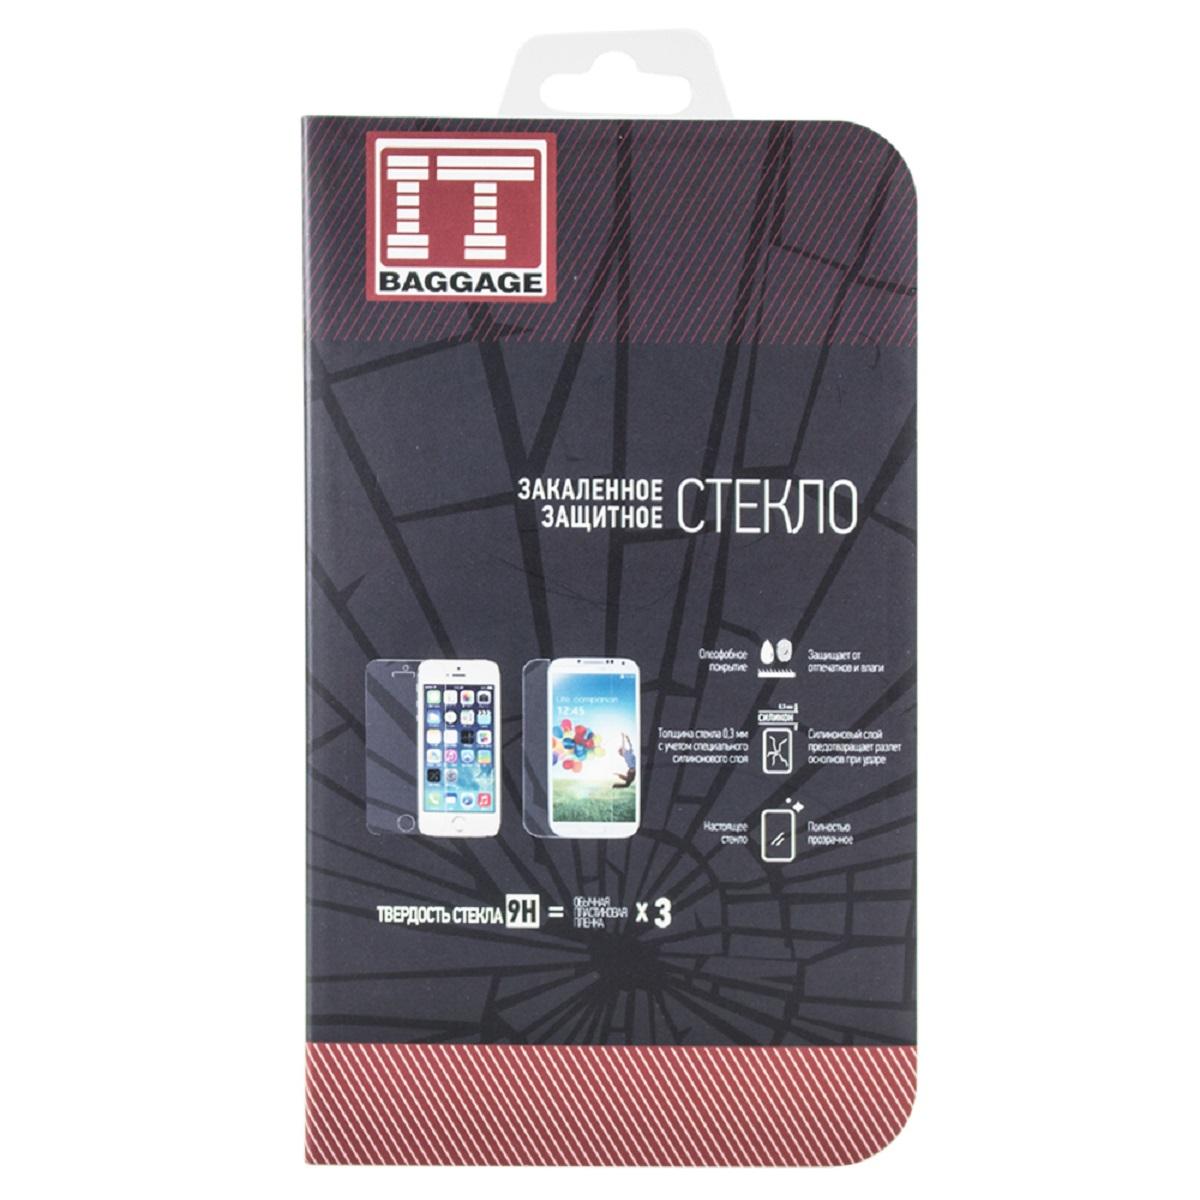 IT Baggage защитное стекло для Xiaomi Redmi 3XITXMRD3XGЗакаленное стекло IT Baggage для Xiaomi Redmi 3X - это самый верный способ защитить экран от повреждений и загрязнений. Обладает высочайшим уровнем прозрачности и совершенно не влияет на отклик экранного сенсора и качество изображения. Препятствует появлению отпечатков и пятен. Удалить следы жира и косметики с поверхности аксессуара не составить ни какого труда. Характеристики защитного стекла делают его износостойким к таким механическим повреждениям, как царапины, сколы, потертости. При сильном ударе разбившееся стекло не разлетается на осколки, предохраняя вас от порезов, а экран устройства от повреждений. После снятия защитного стекла с поверхности дисплея, на нем не остаются повреждения, такие как потертости и царапины.